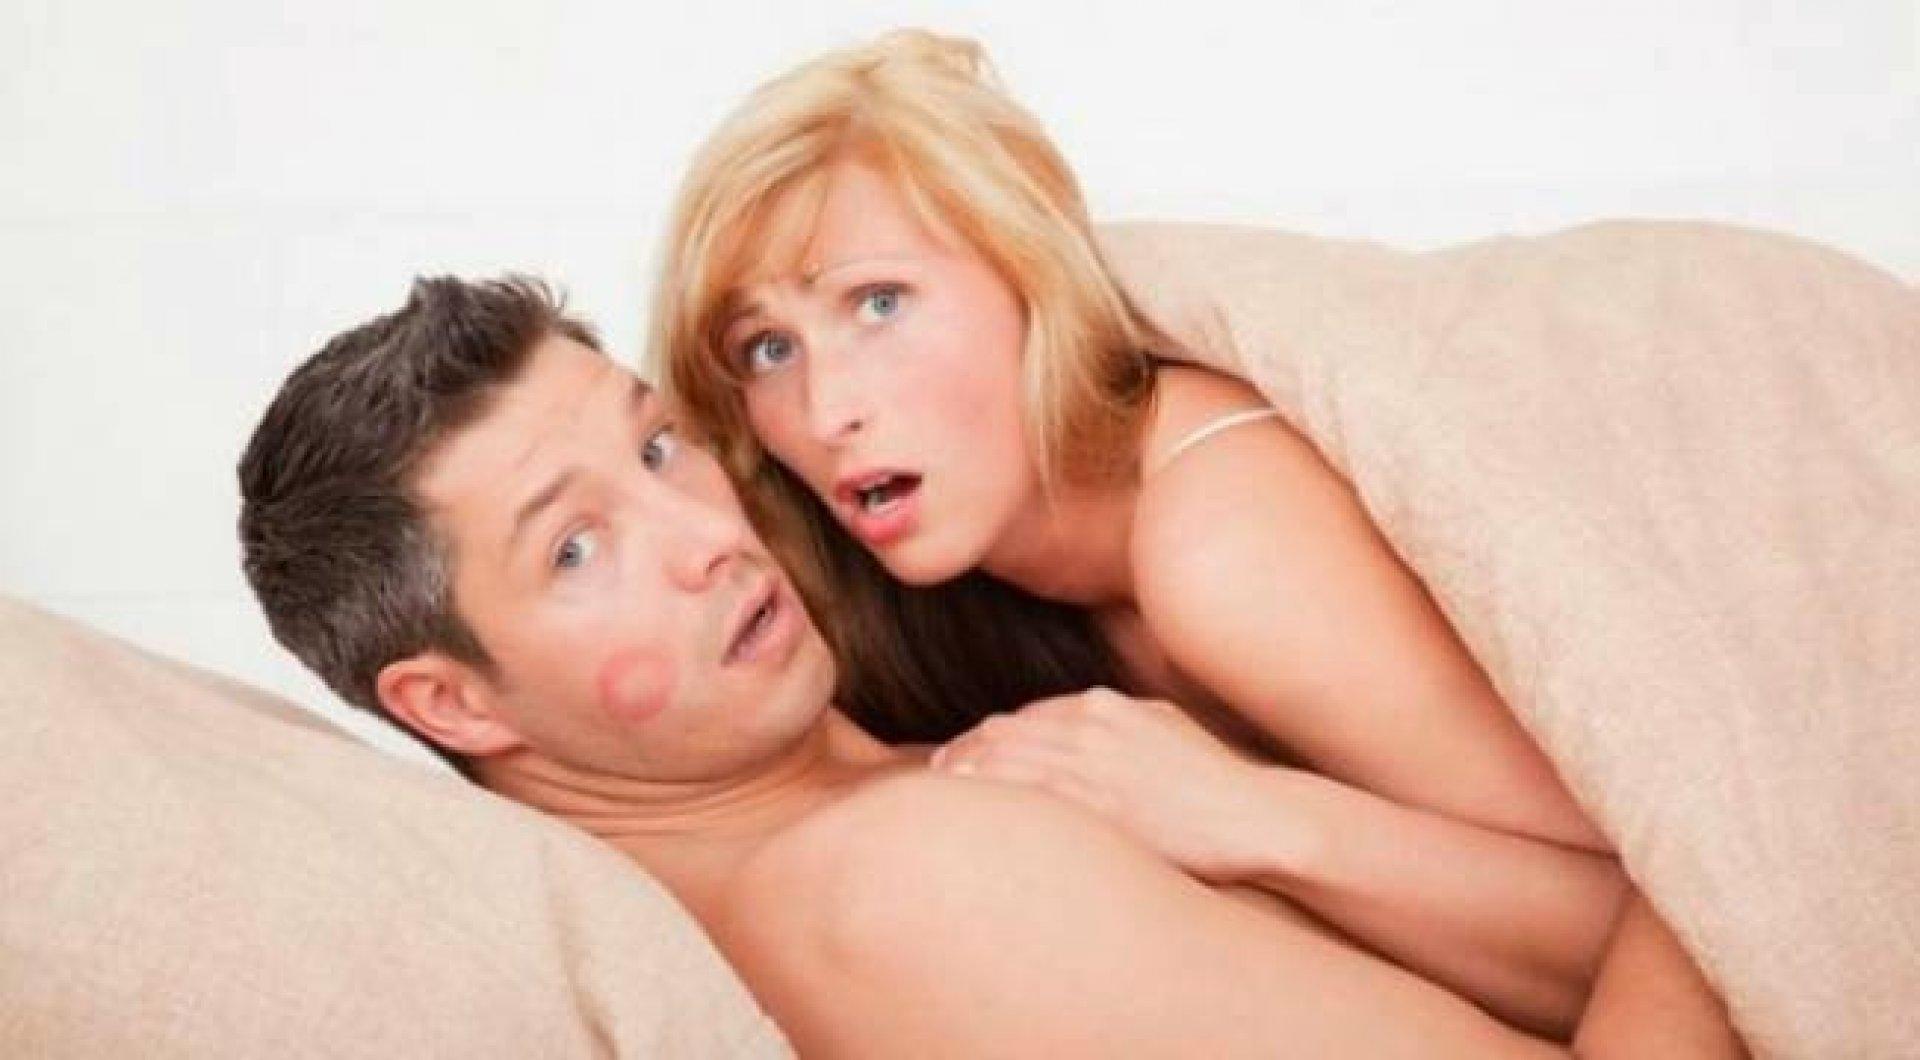 Муж смотрит порно что это значит